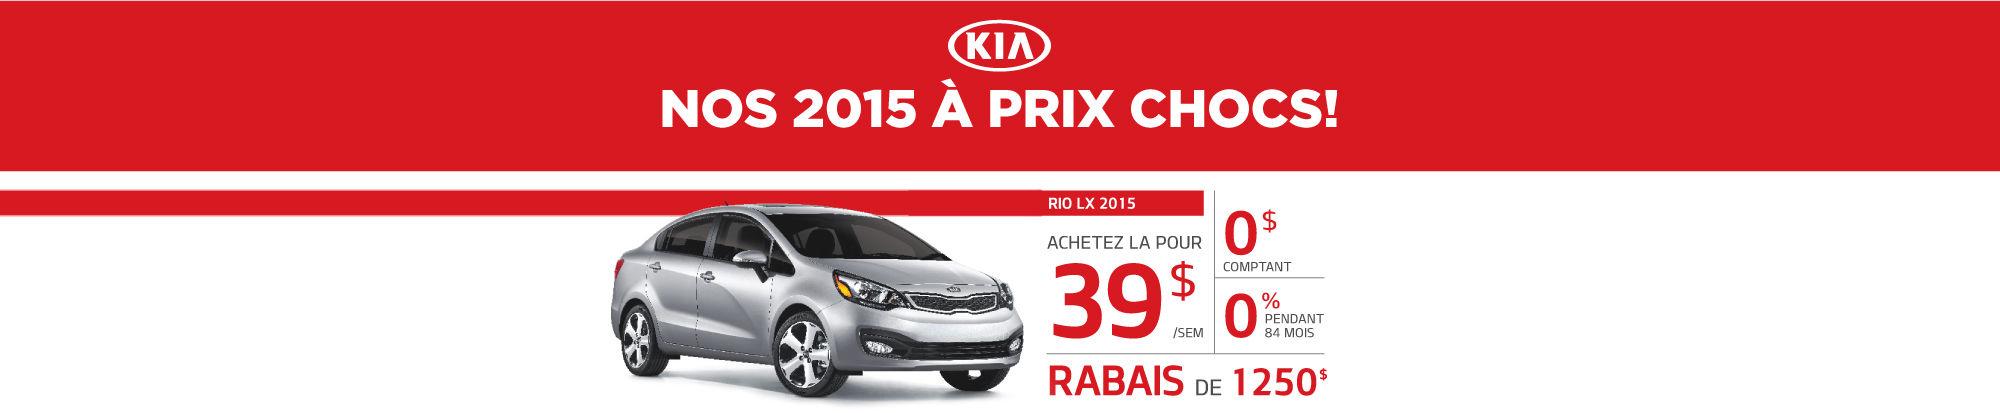 Header Rio 2015